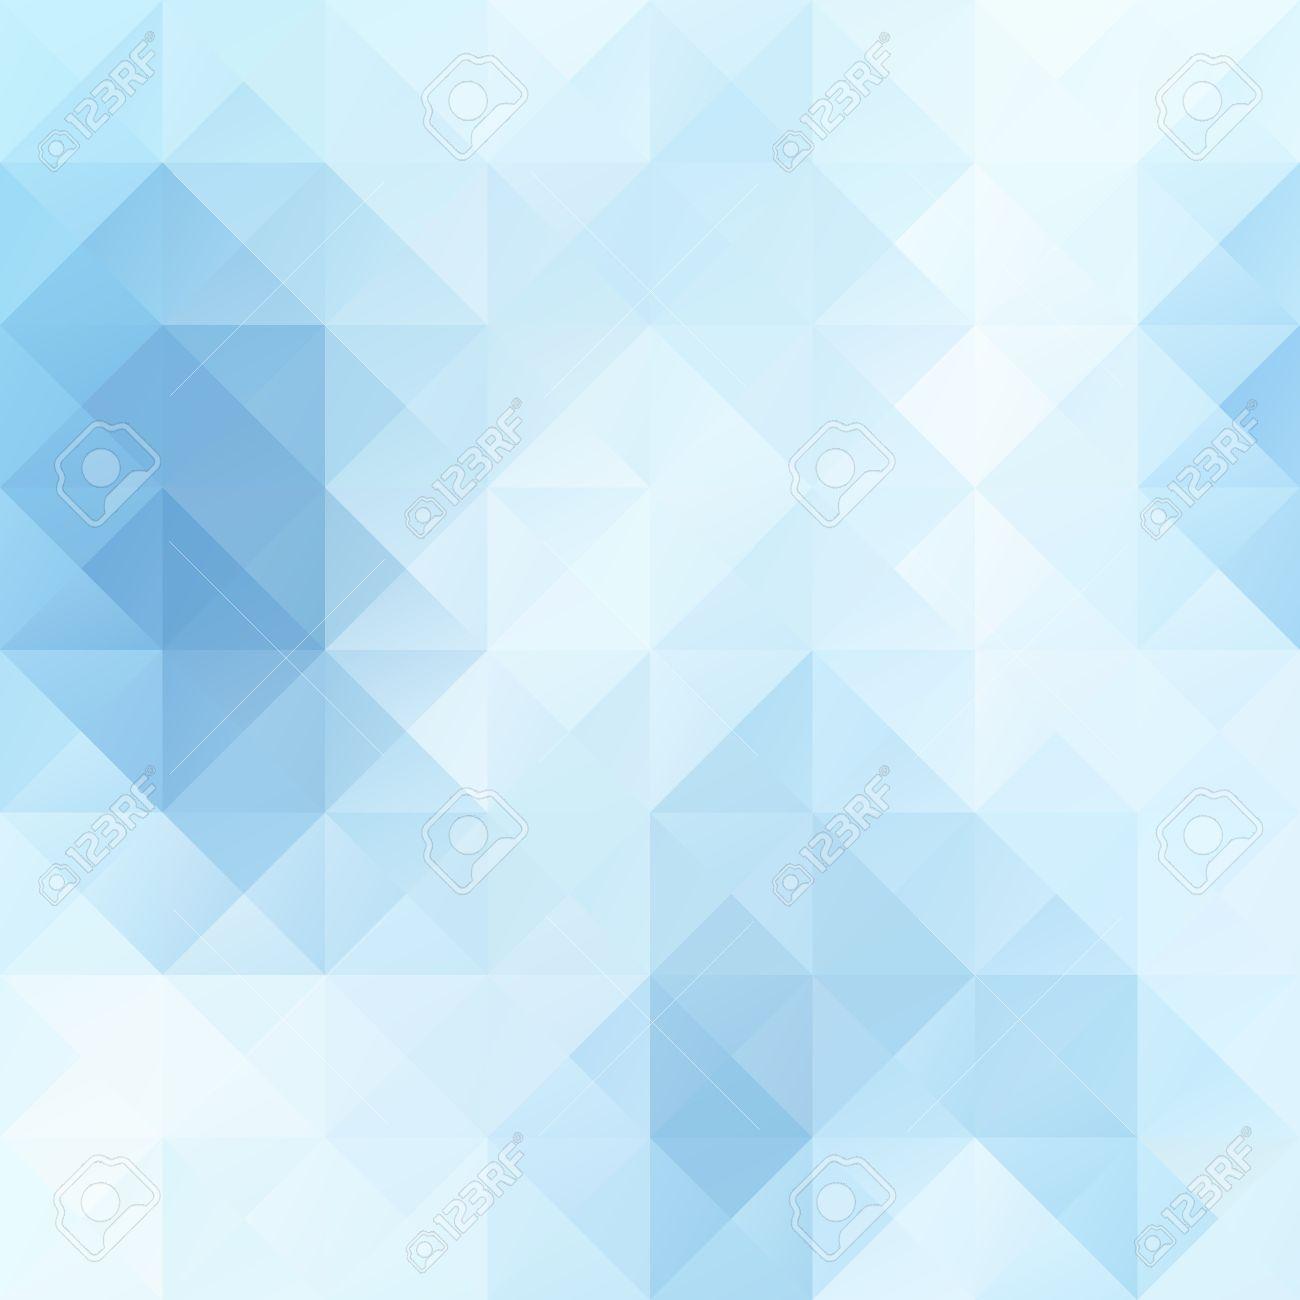 Blau Weiß Hell Mosaik Hintergrund, Kreativ-Design-Vorlagen ...